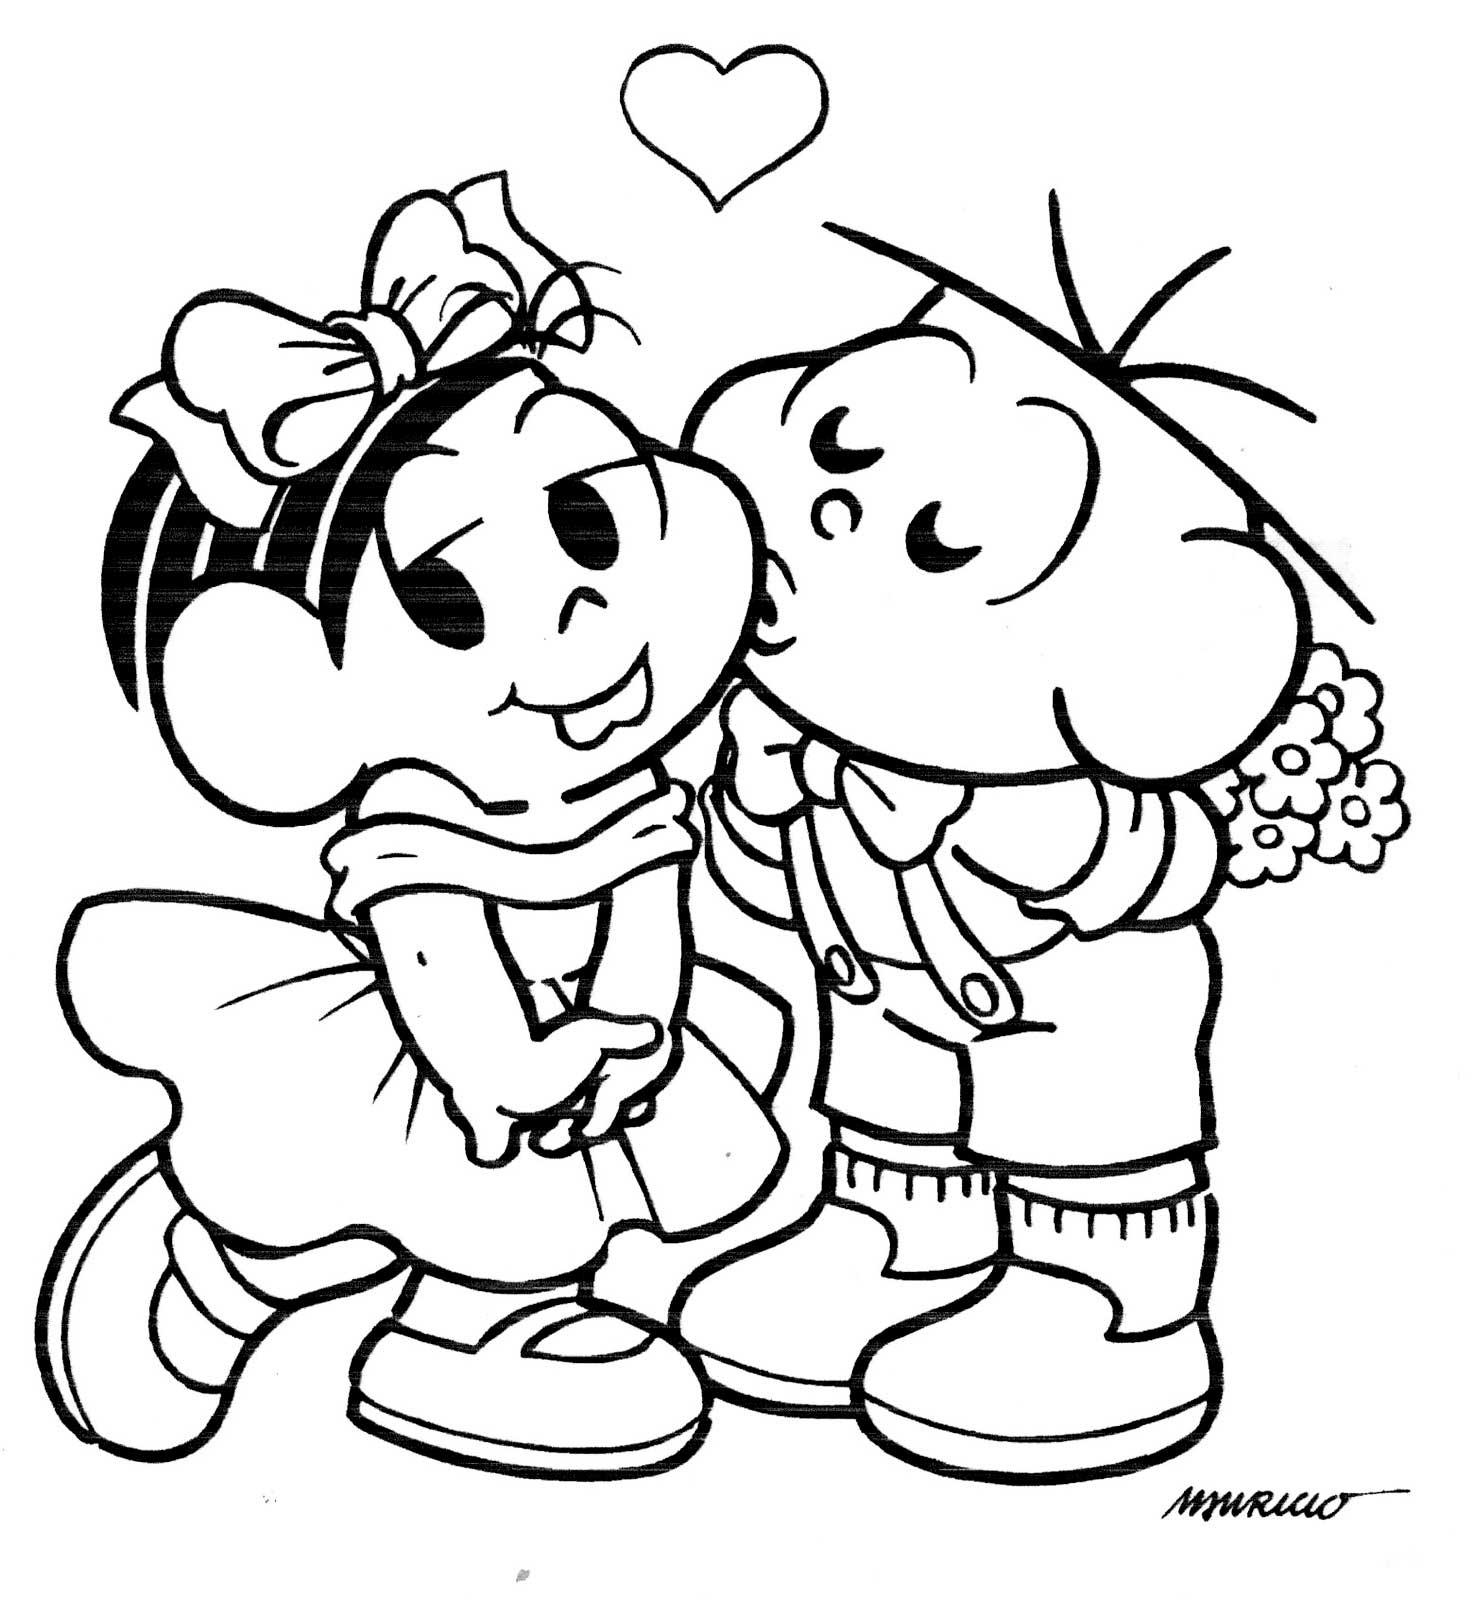 ... desenhos turma da monica quinta feira 21 de fevereiro de 2013